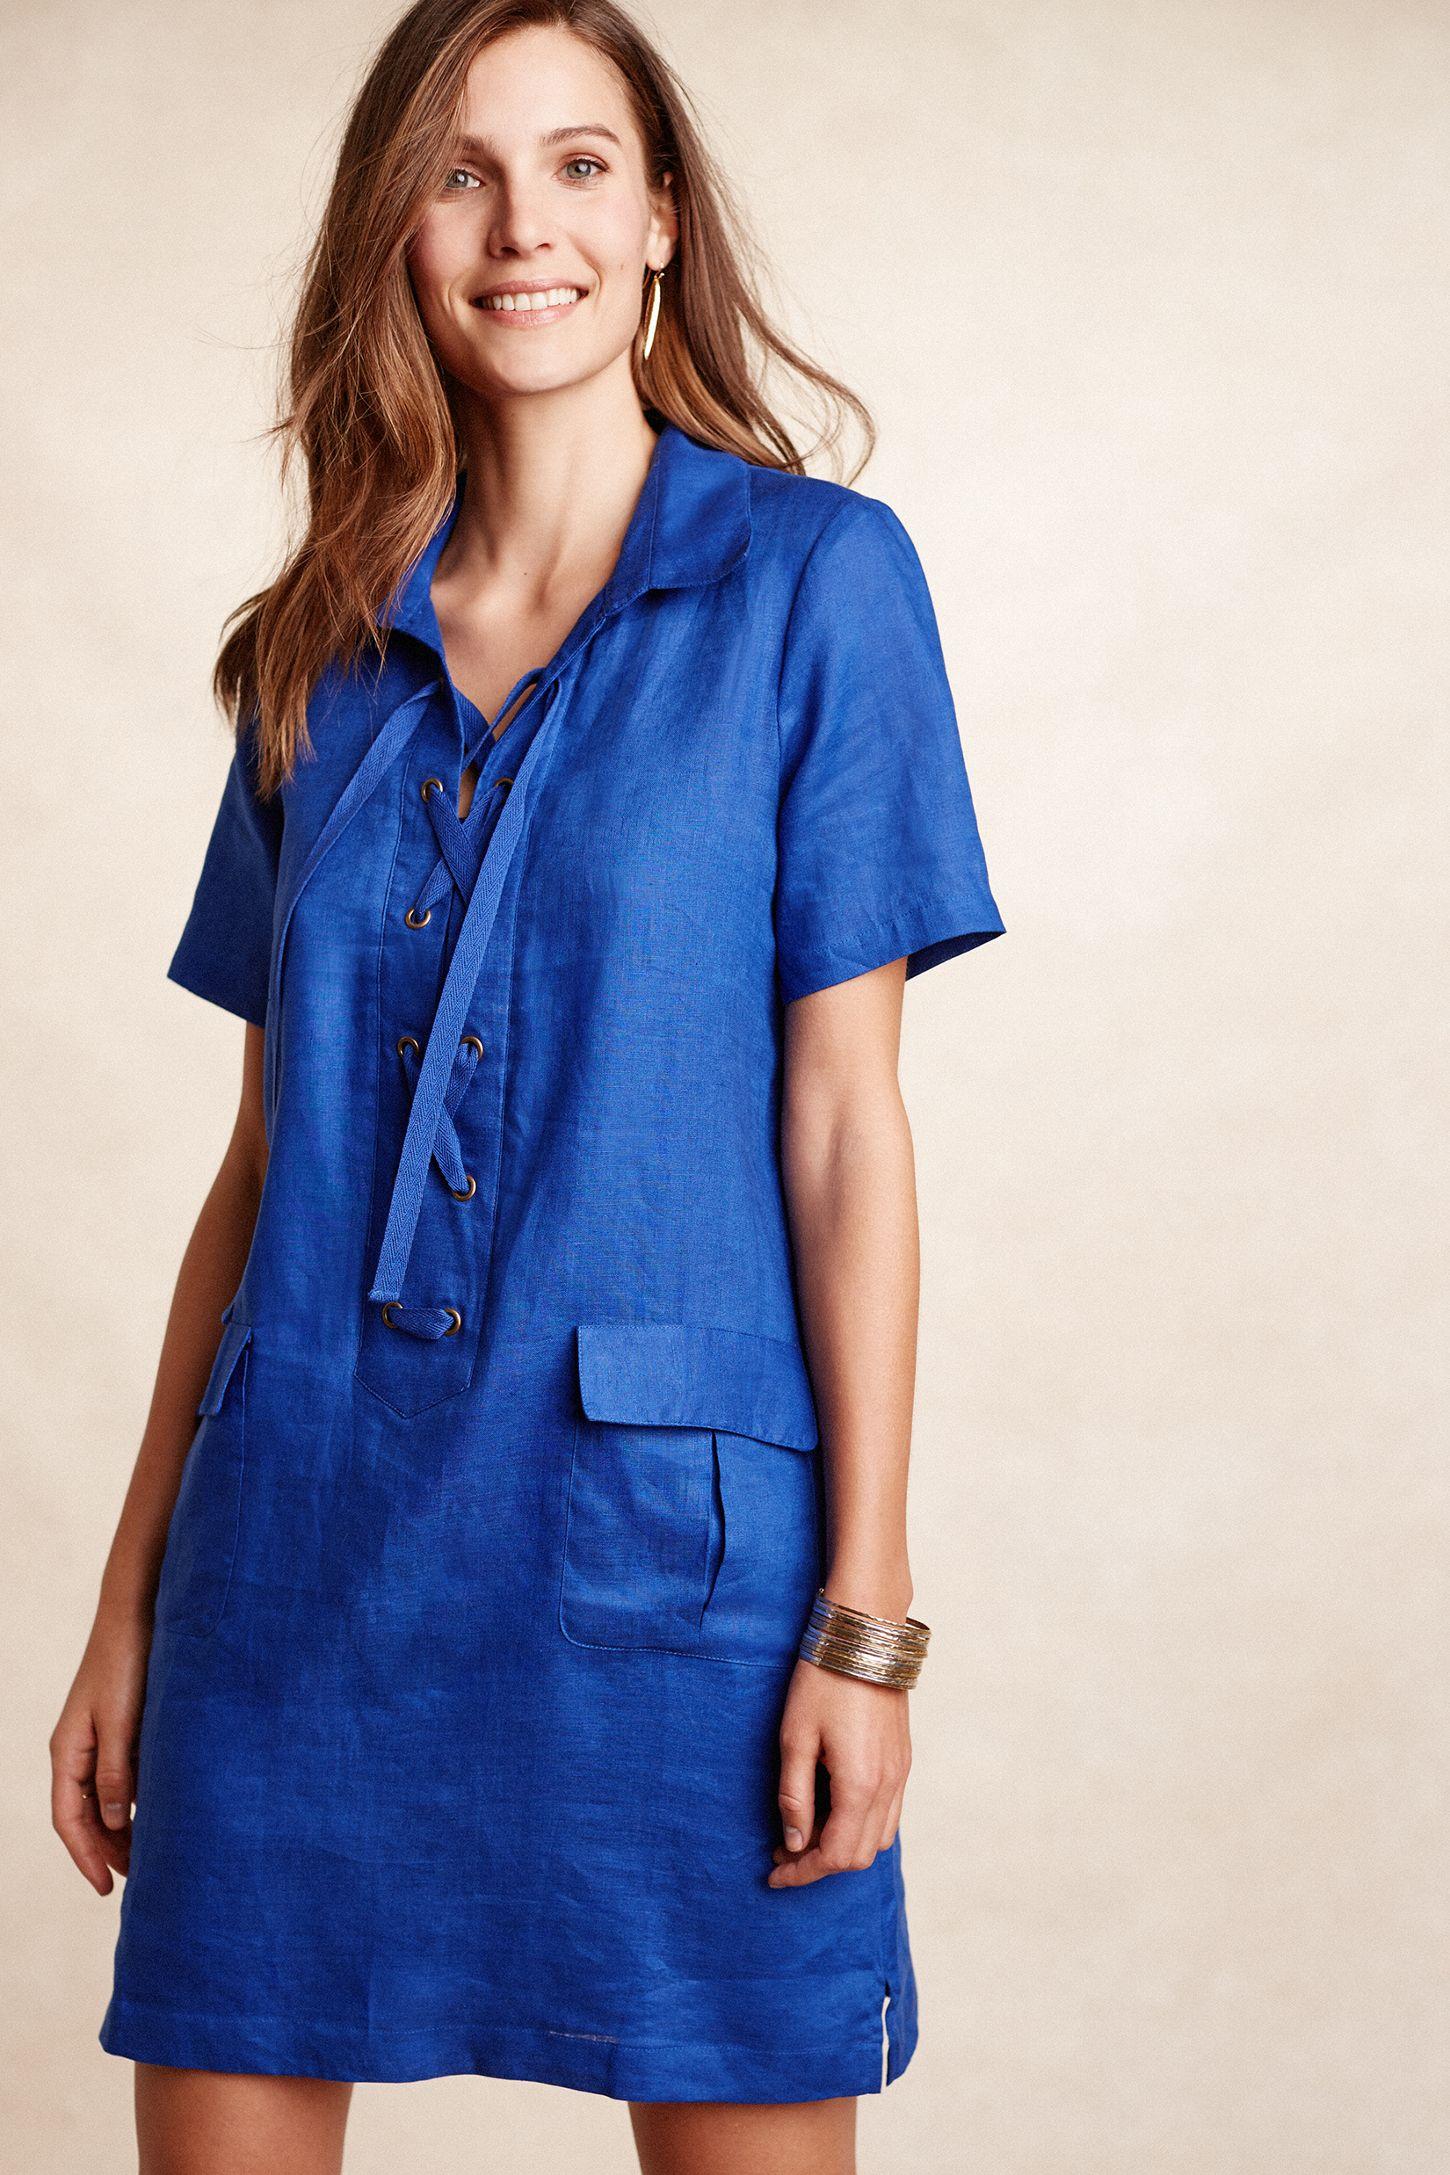 fe92325992 Lace-Up Linen Dress